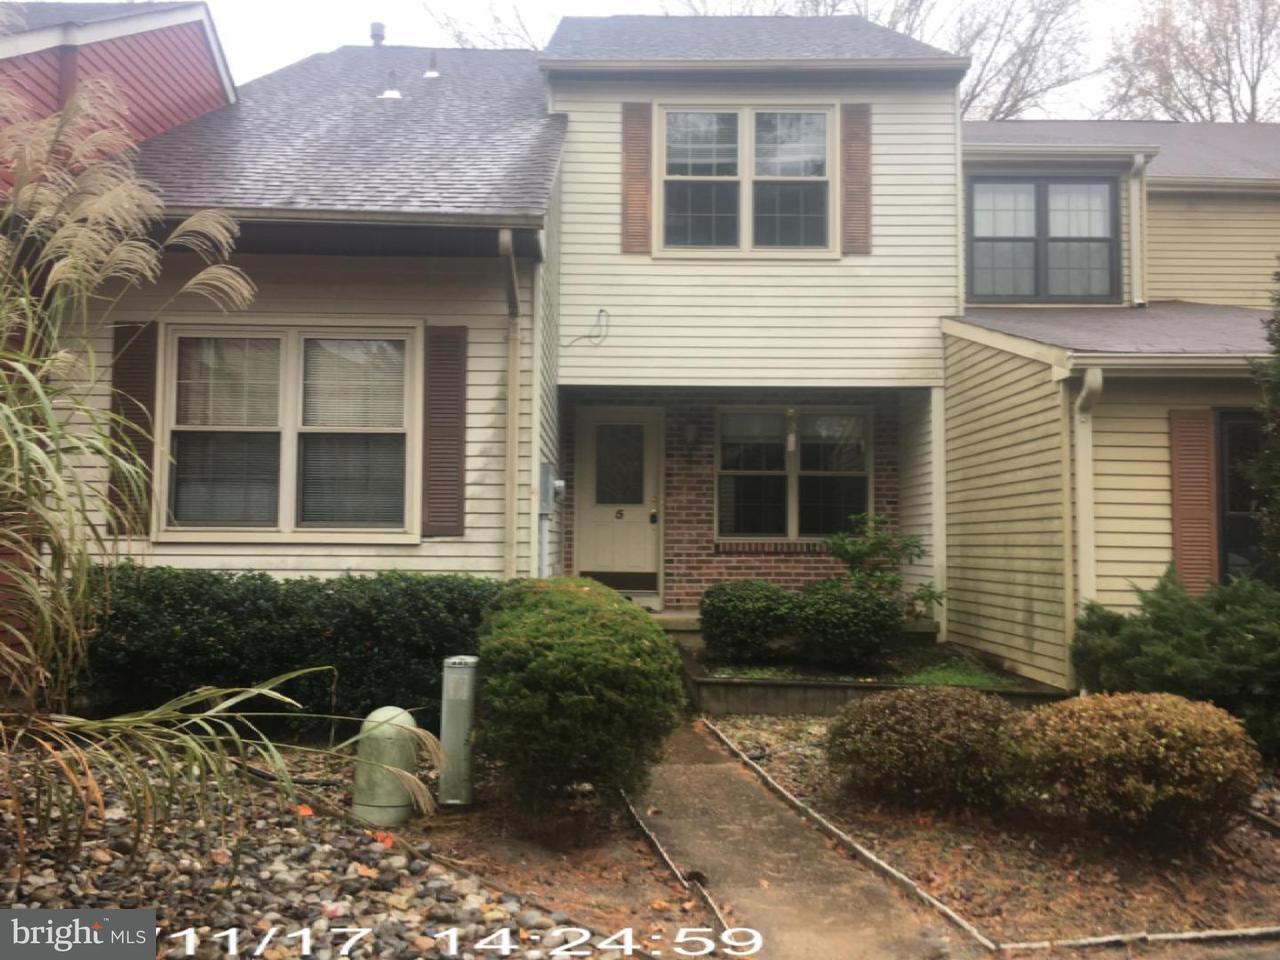 Casa unifamiliar adosada (Townhouse) por un Venta en 5 REGENT Court Medford, Nueva Jersey 08055 Estados Unidos